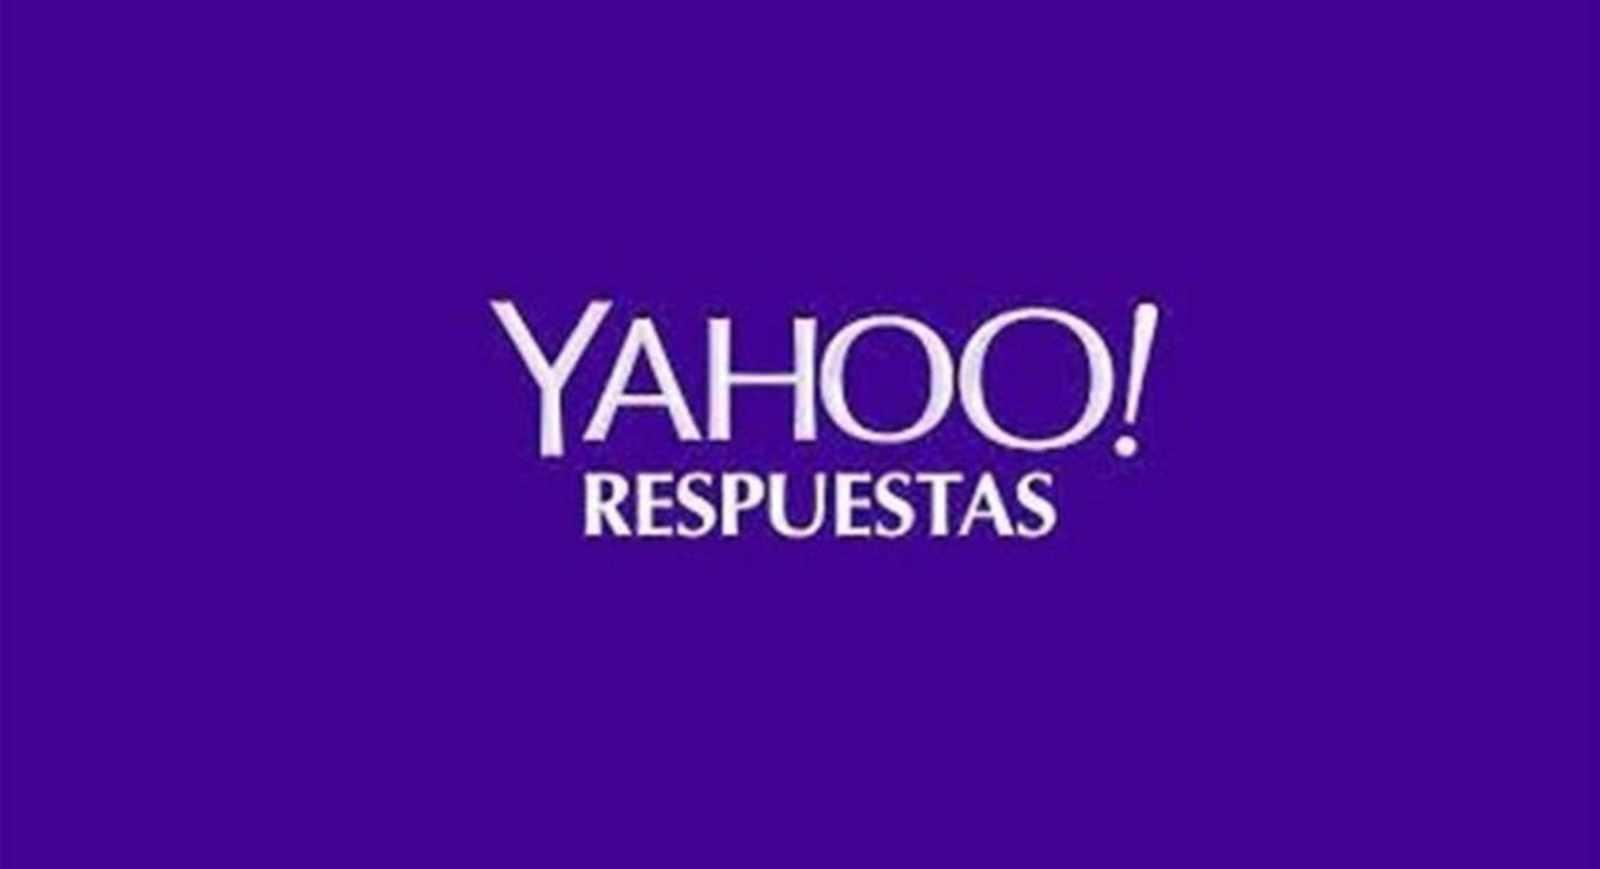 Yahoo Respuestas será dado de baja después de 16 años de funcionamiento